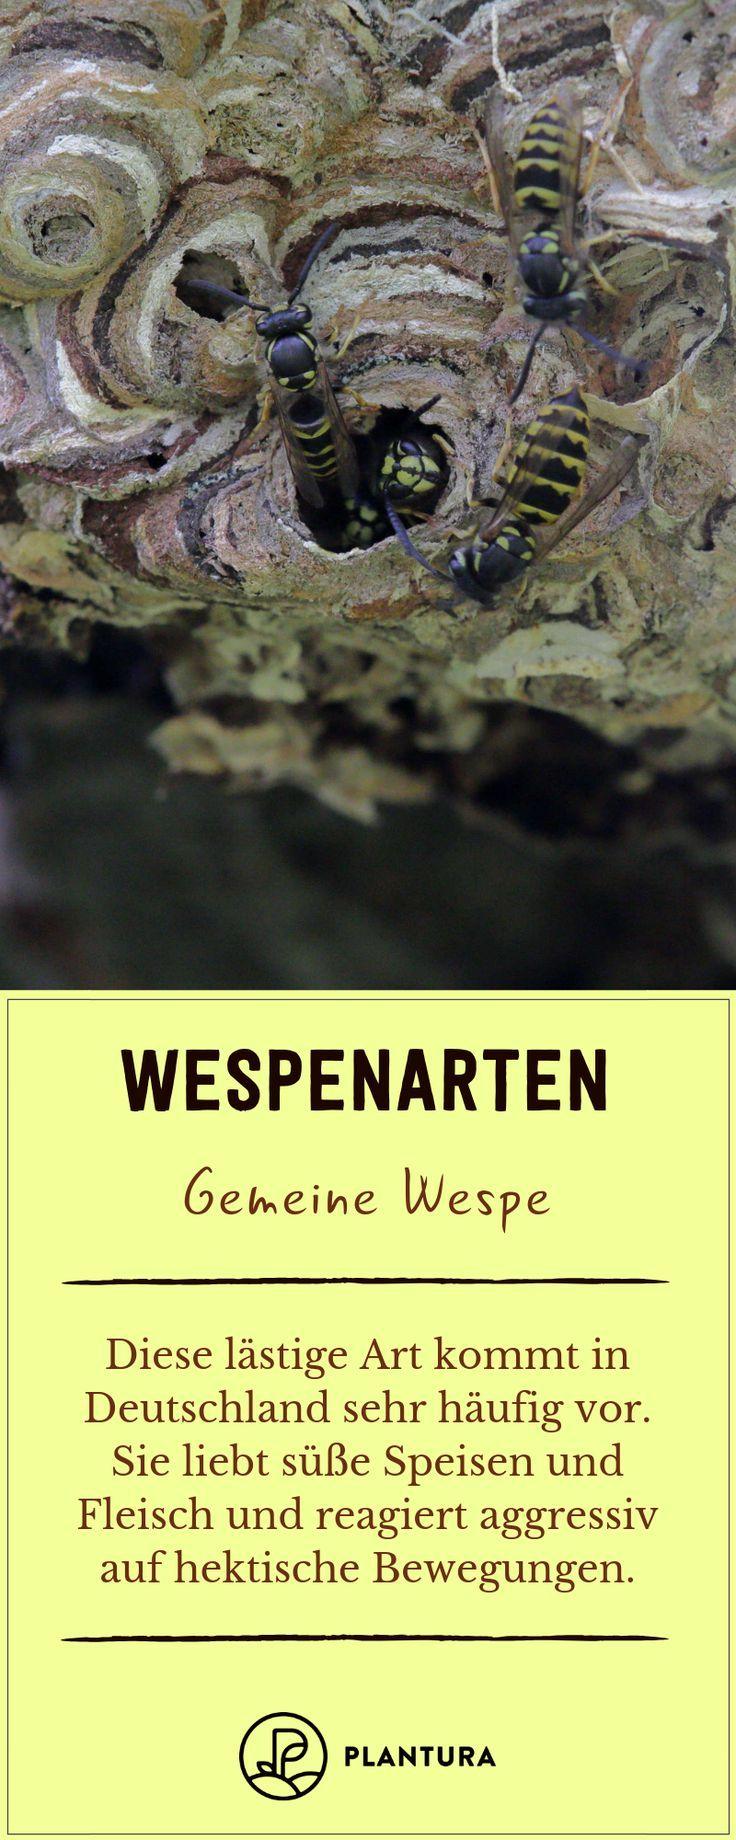 Wespenarten In Deutschland Plantura Gemeine Wespe Blumen Erkennen Schadlinge Im Garten